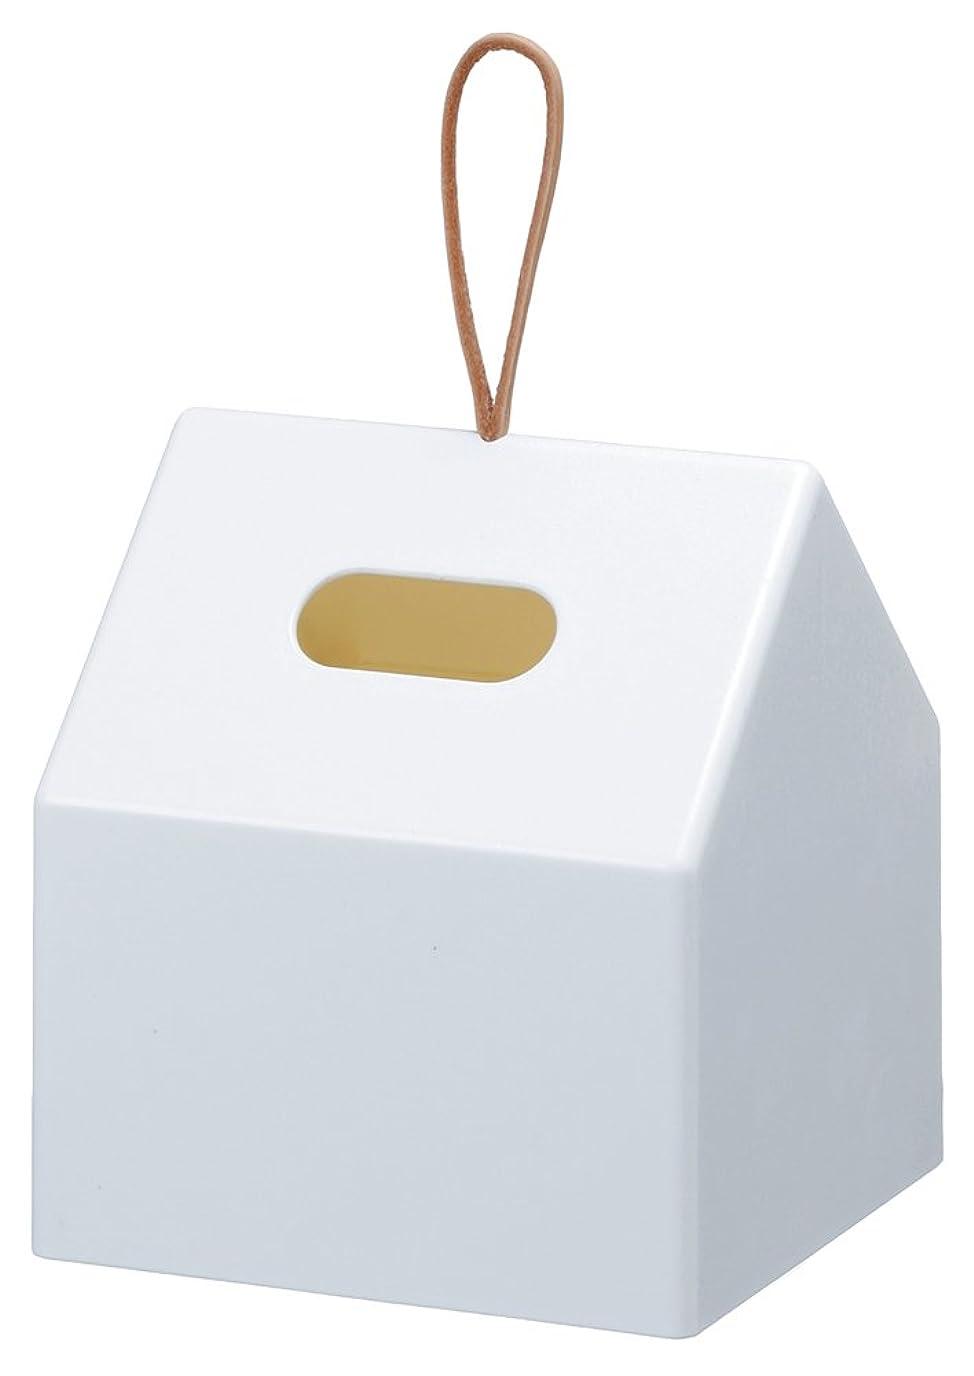 おめでとう頑固な下線吉川国工業所 ティッシュケース?ホルダー ホワイト 約W14.5×D14×H16.5cm